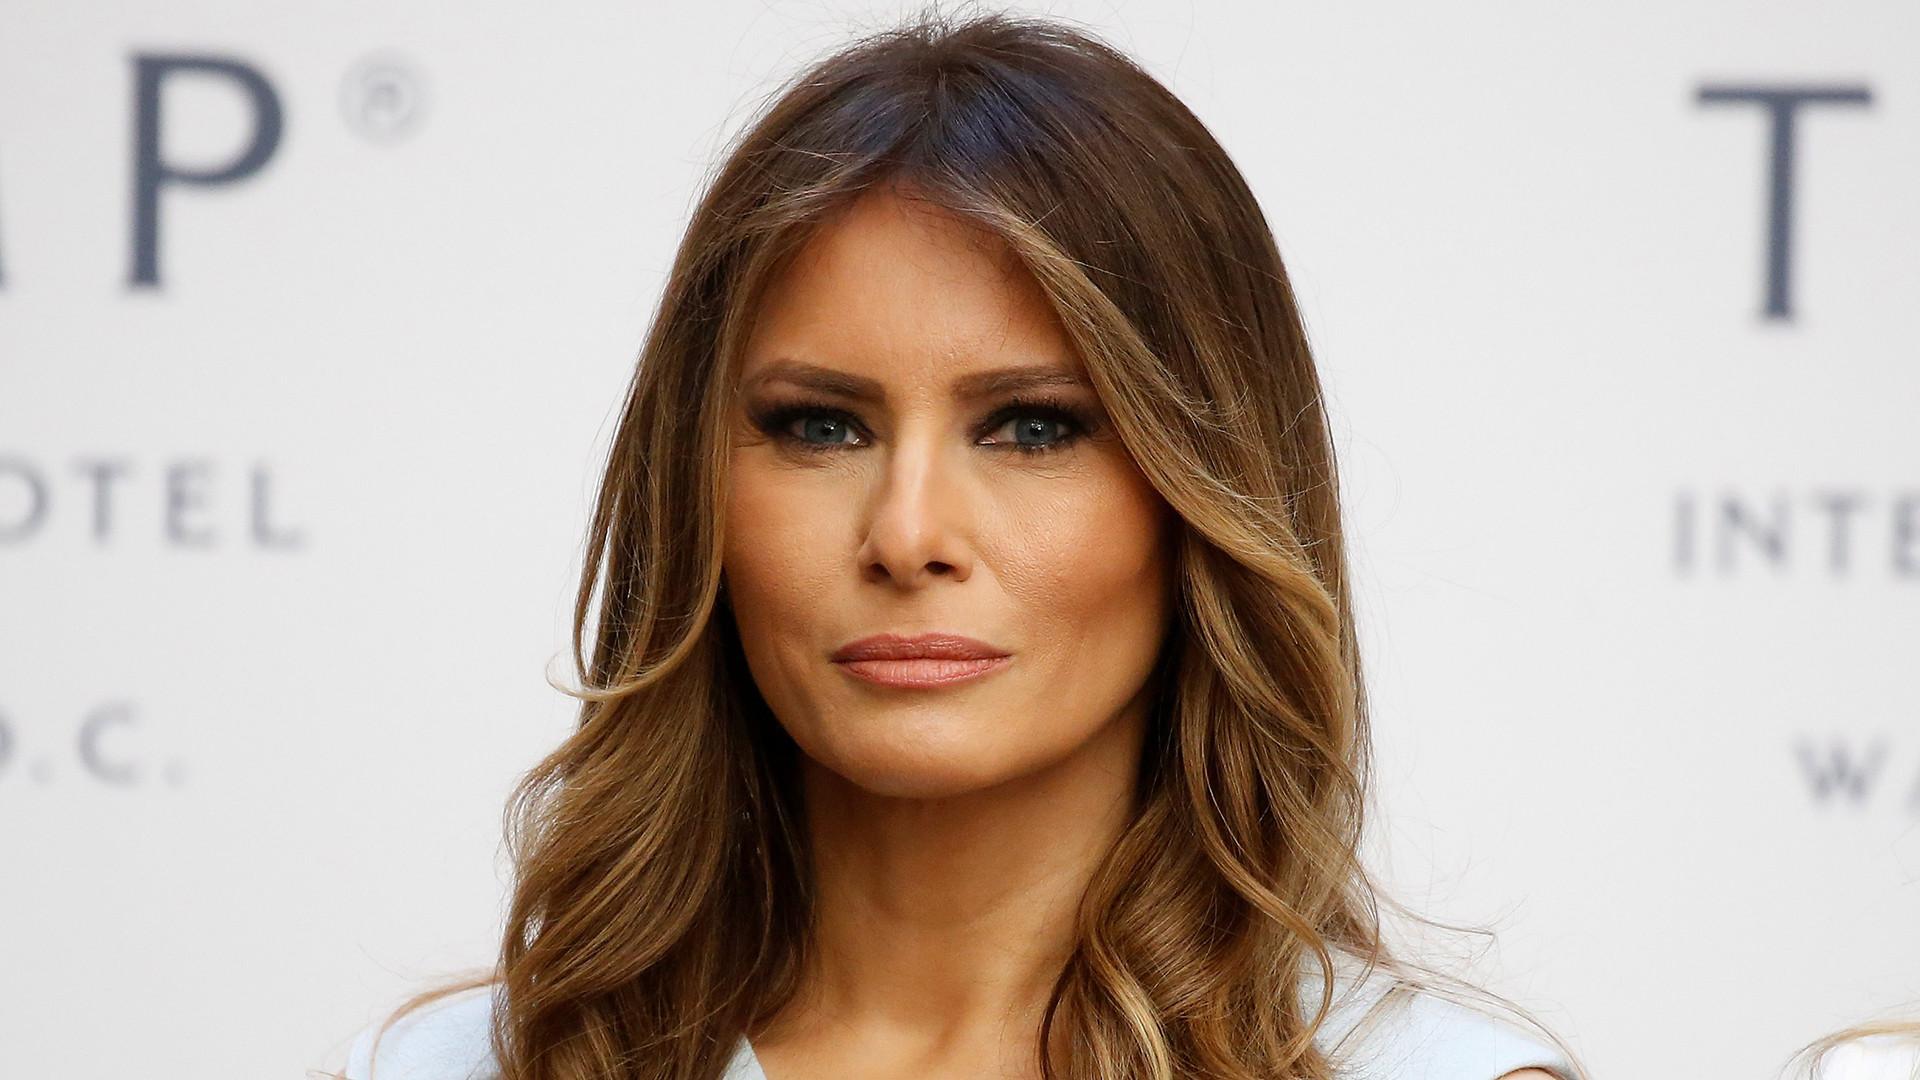 Melania Trump Announces White House Tours Will Resume Next Month – NBC News